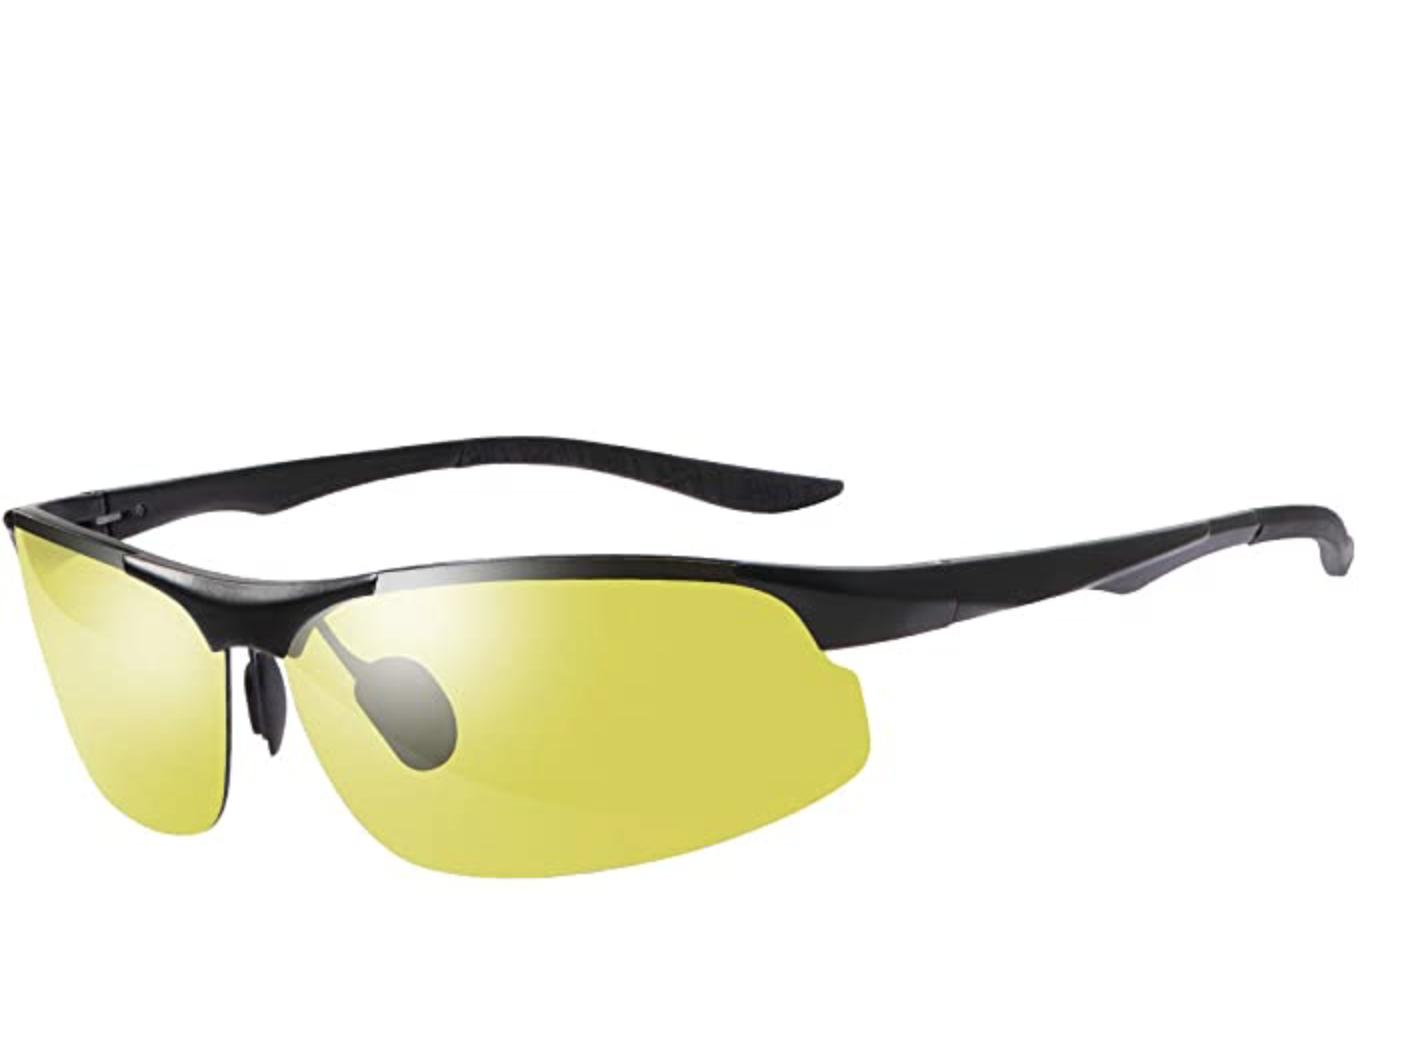 Polarized Photochromic Outdoor Sports Driving Sunglasses for Men Women AntiGlare Eyewear Ultra-Light Sun Glasses